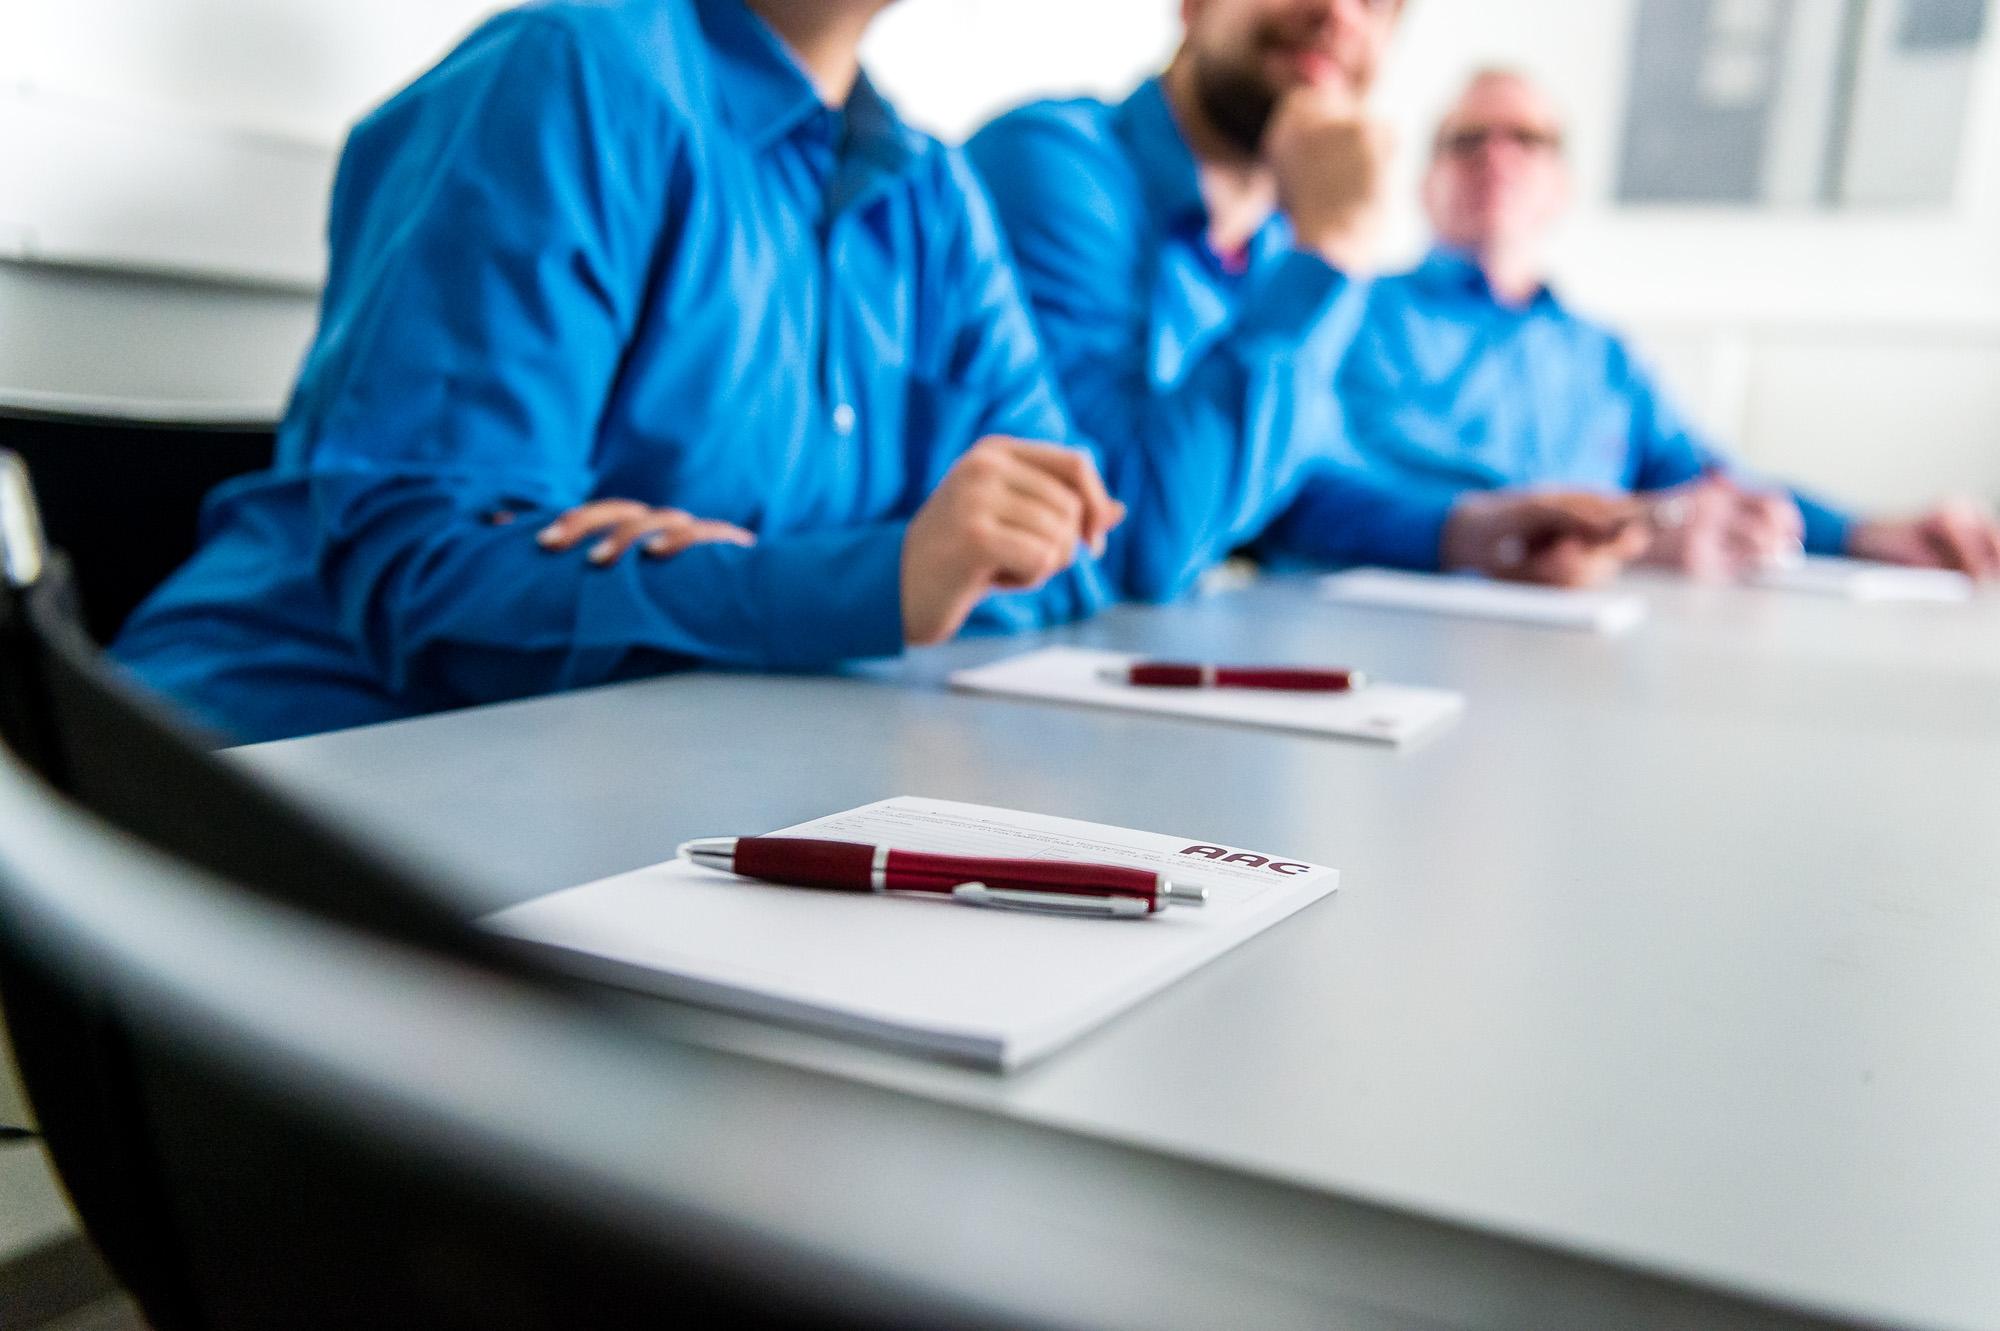 Lernen Sie praxisorientiert alle relevanten Themen rund um das Thema Crimpen. In Gruppen von maximal sechs Personen werden Sie theoretisch und praktisch von unseren qualifizierten Mitarbeitern geschult.